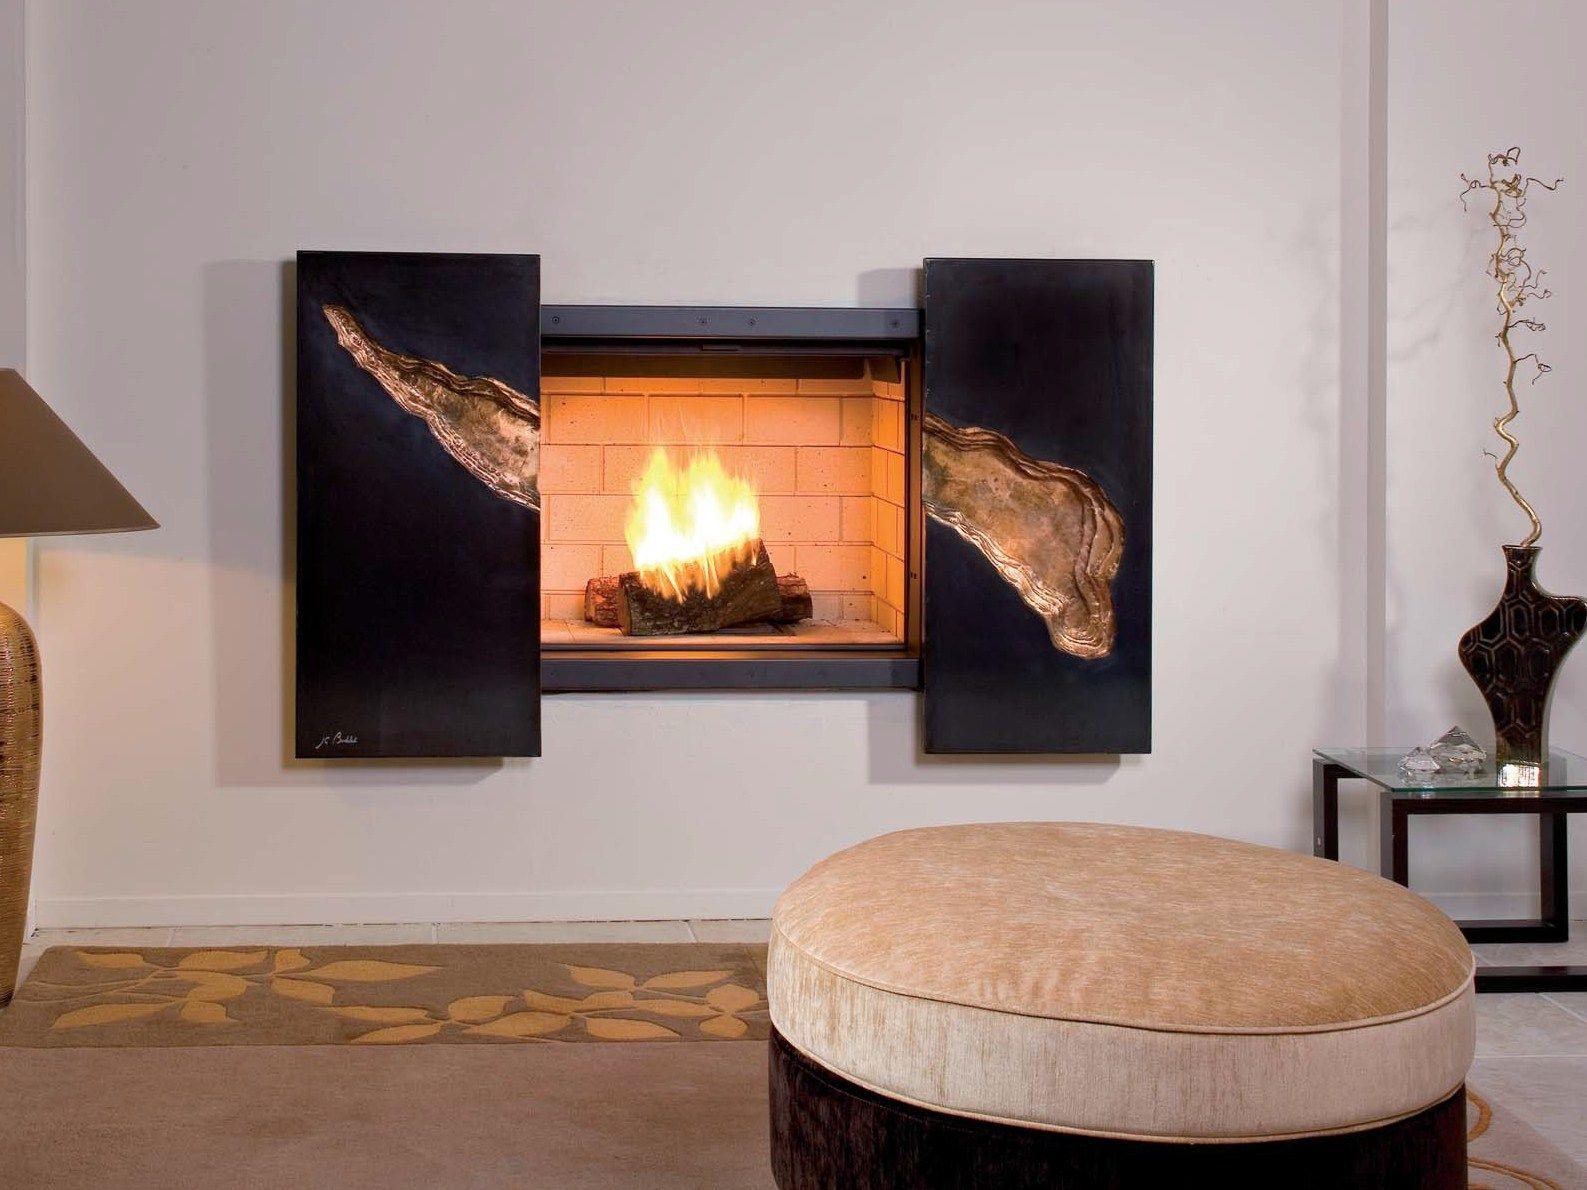 chemin e bois murale encastr e stella by jc bordelet. Black Bedroom Furniture Sets. Home Design Ideas